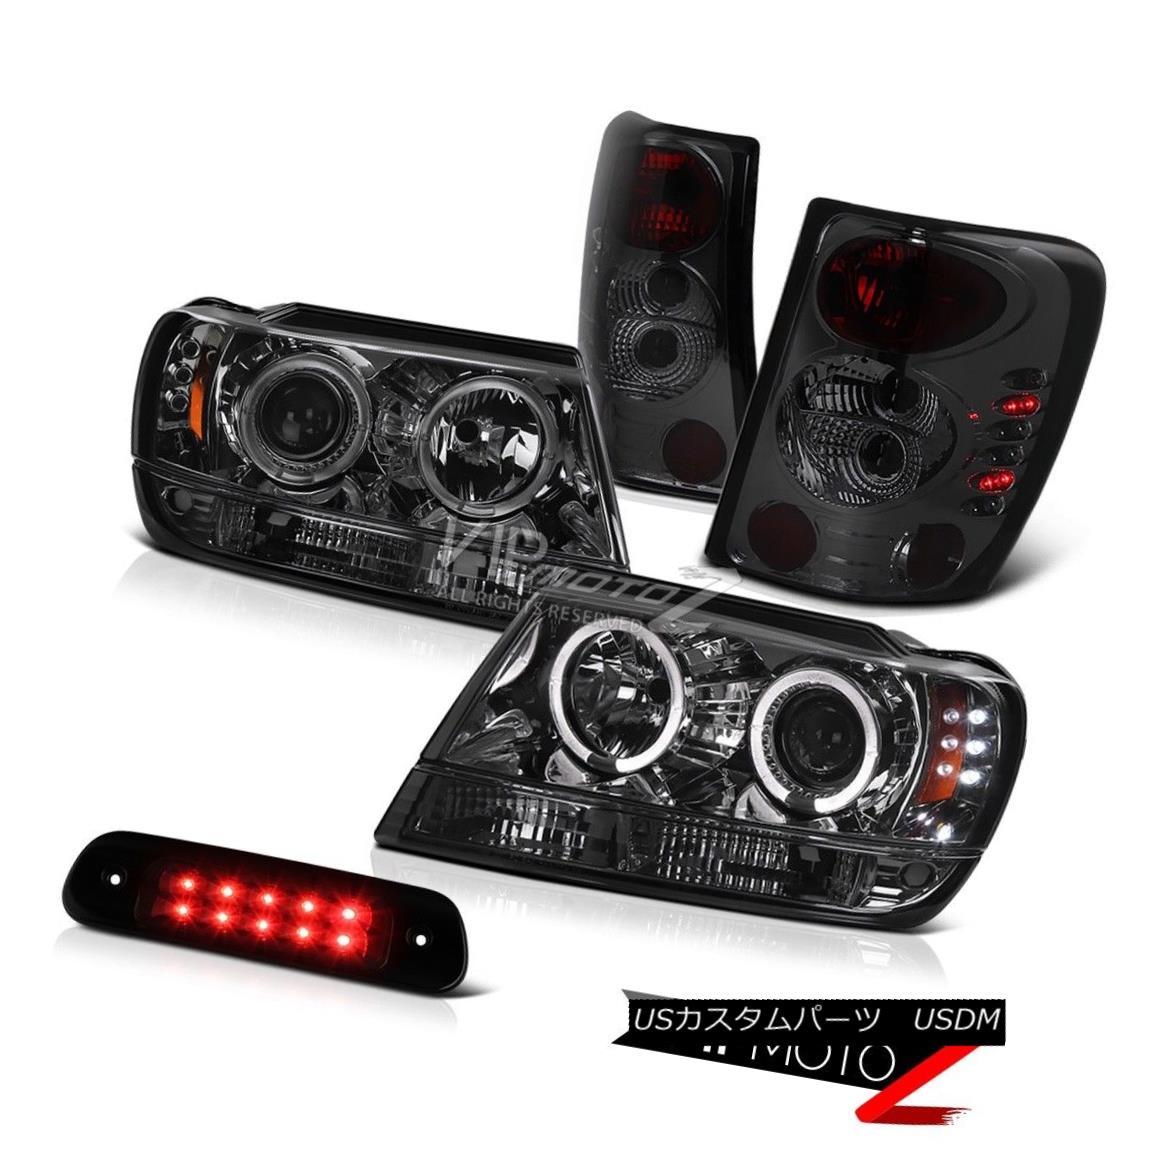 ヘッドライト 99-04 Jeep Grand Cherokee 4X4 Black Roof Cab Lamp Taillamps Headlights LED Bk 99-04ジープグランドチェロキー4X4ブラックルーフキャブランプトライアングルヘッドライトLED Bk